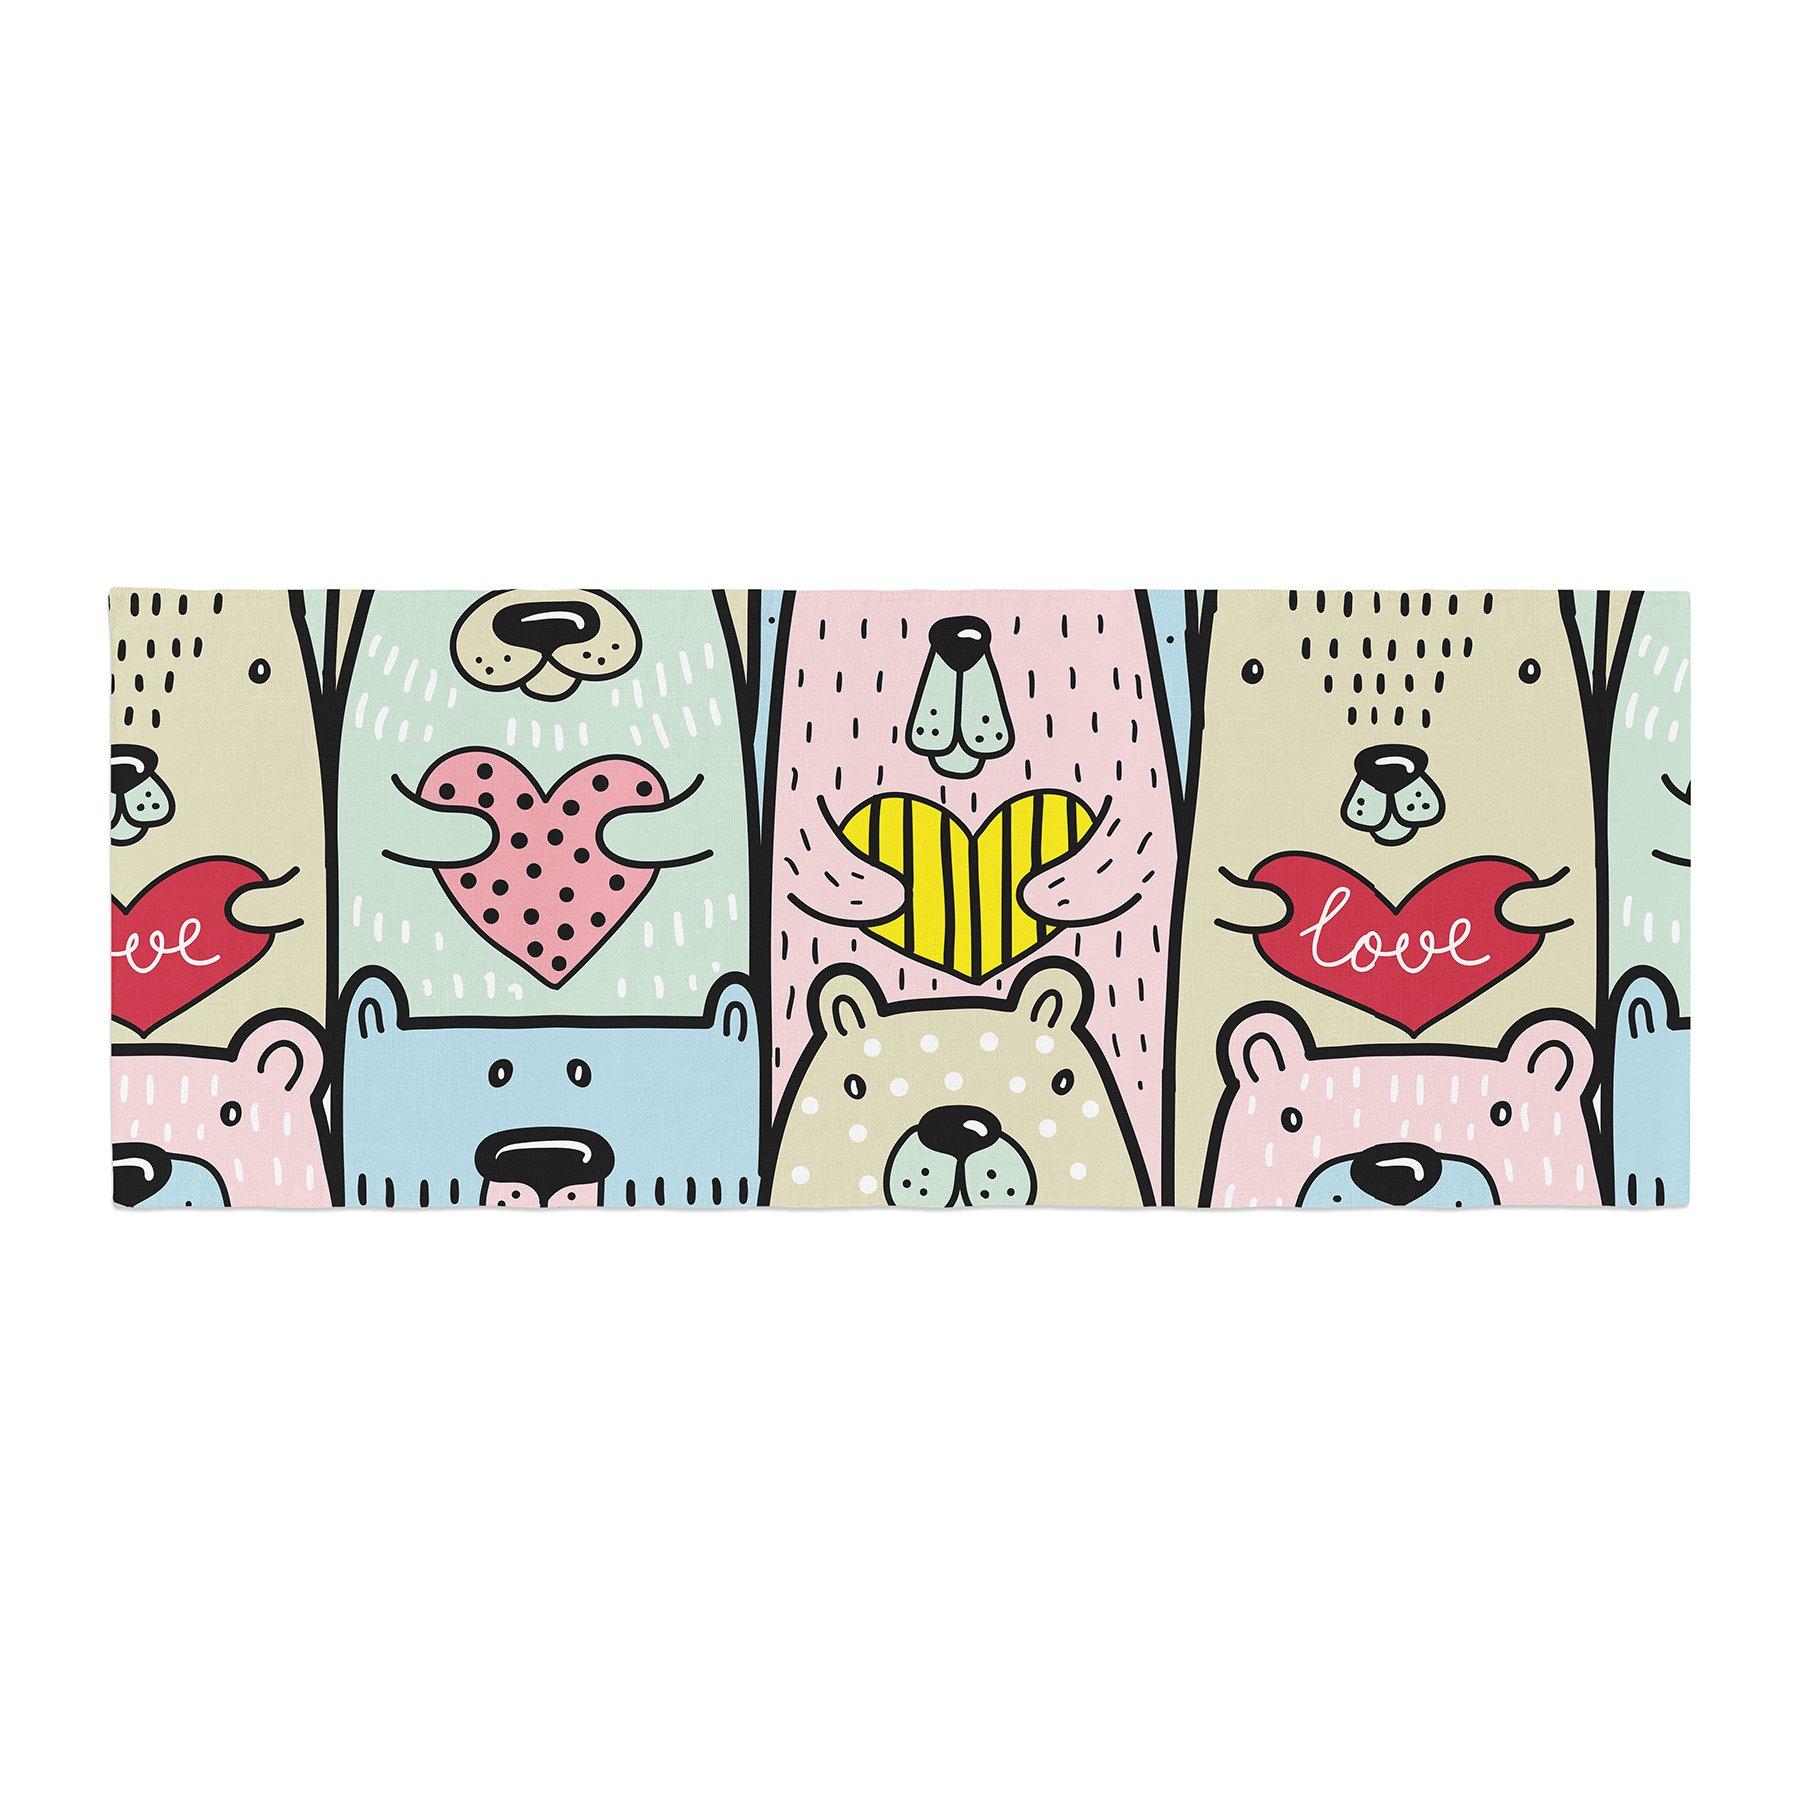 Kess InHouse Snap Studio Bear Hugs Animal Illustration Bed Runner, 34'' x 86''